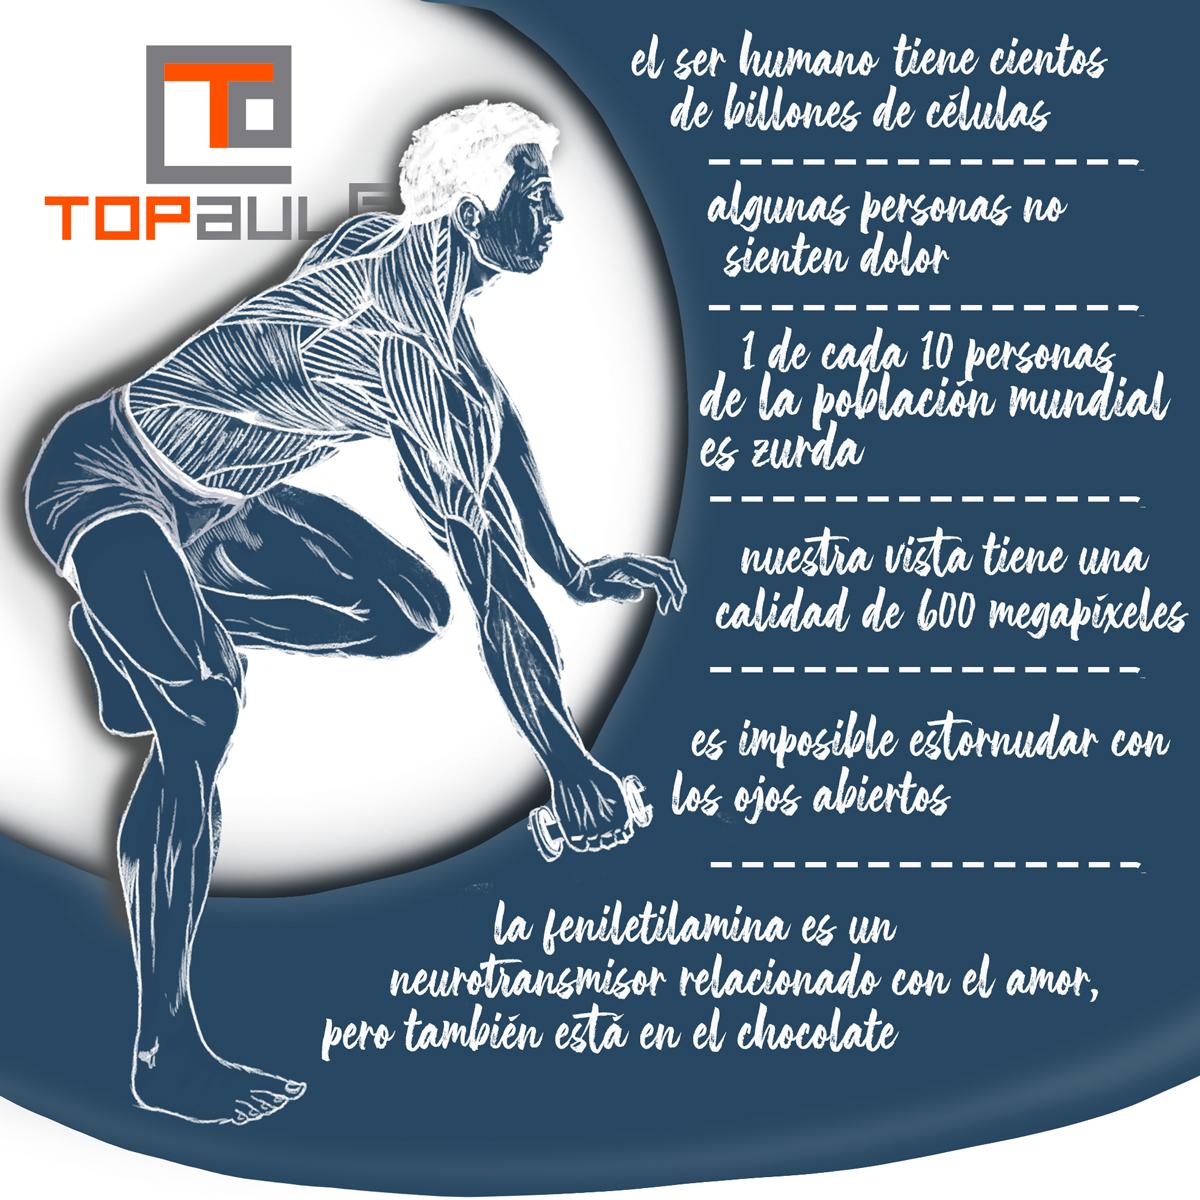 Infografía Curiosidades del cuerpo humano que no conocías - www.topaula.com